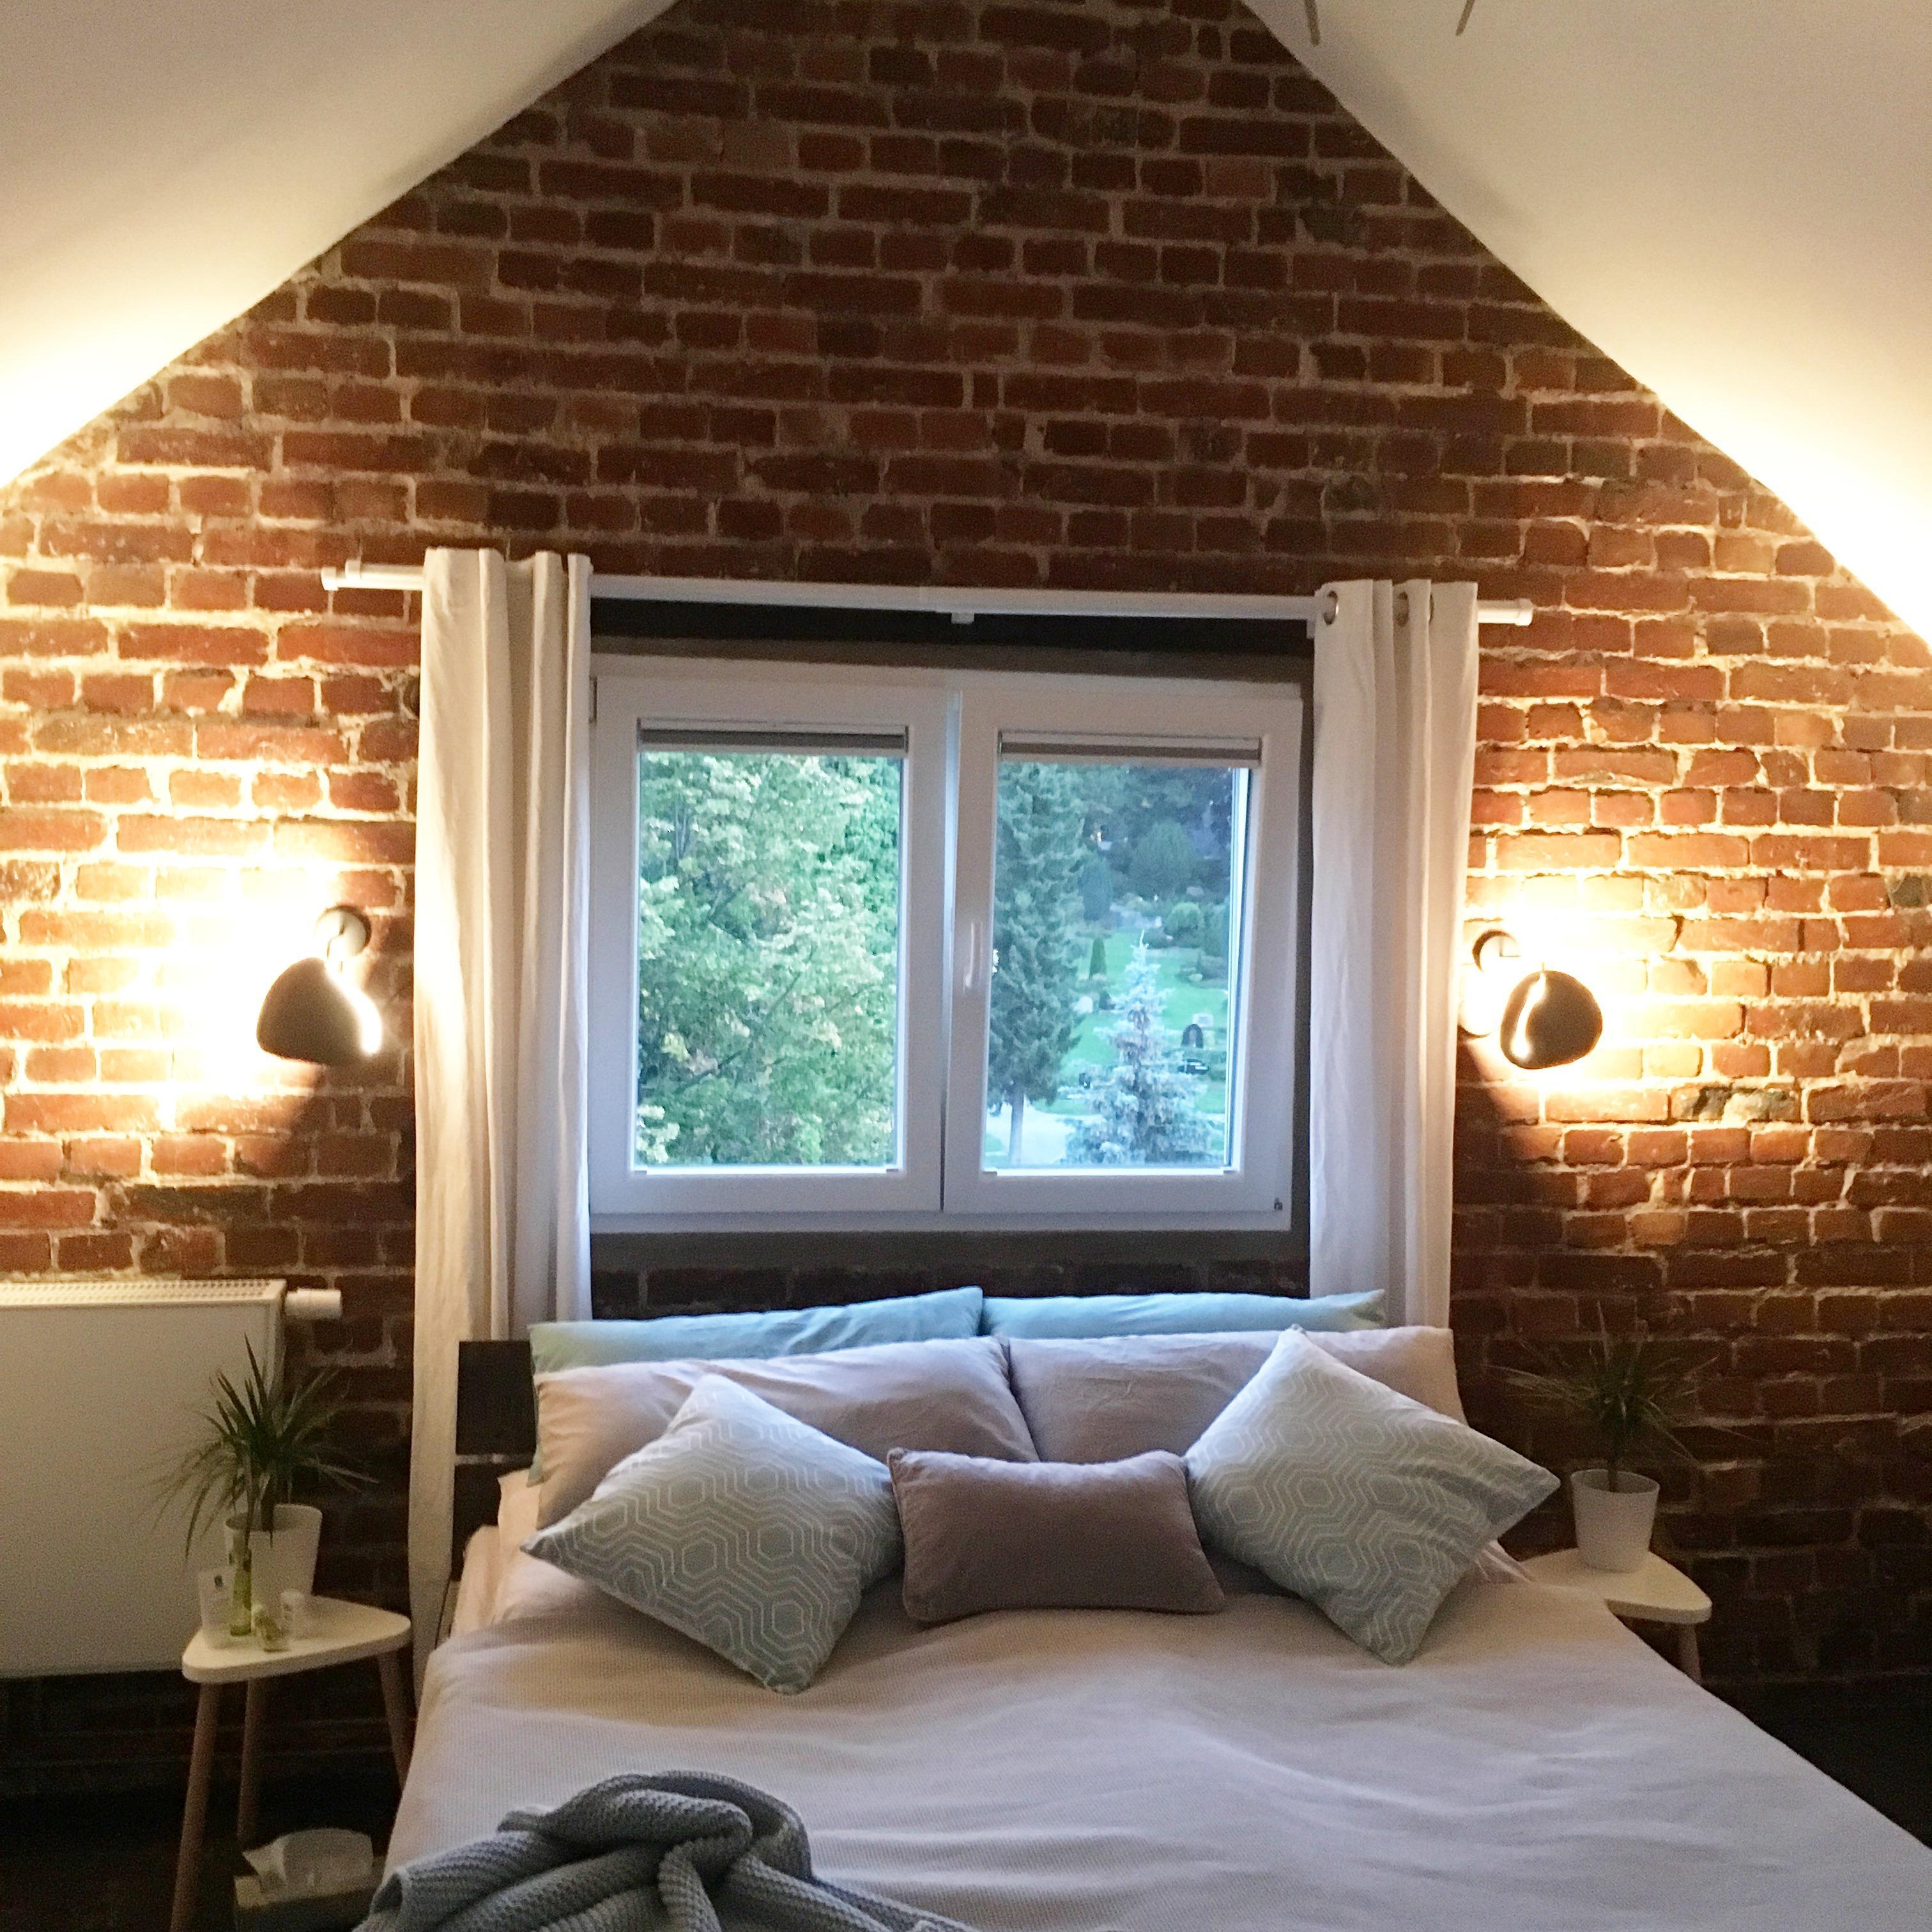 Verführerisch Ankleidezimmer Ideen Ideen Von Gute Nacht 💤 Wir Haben Kein #ankleidezimmer